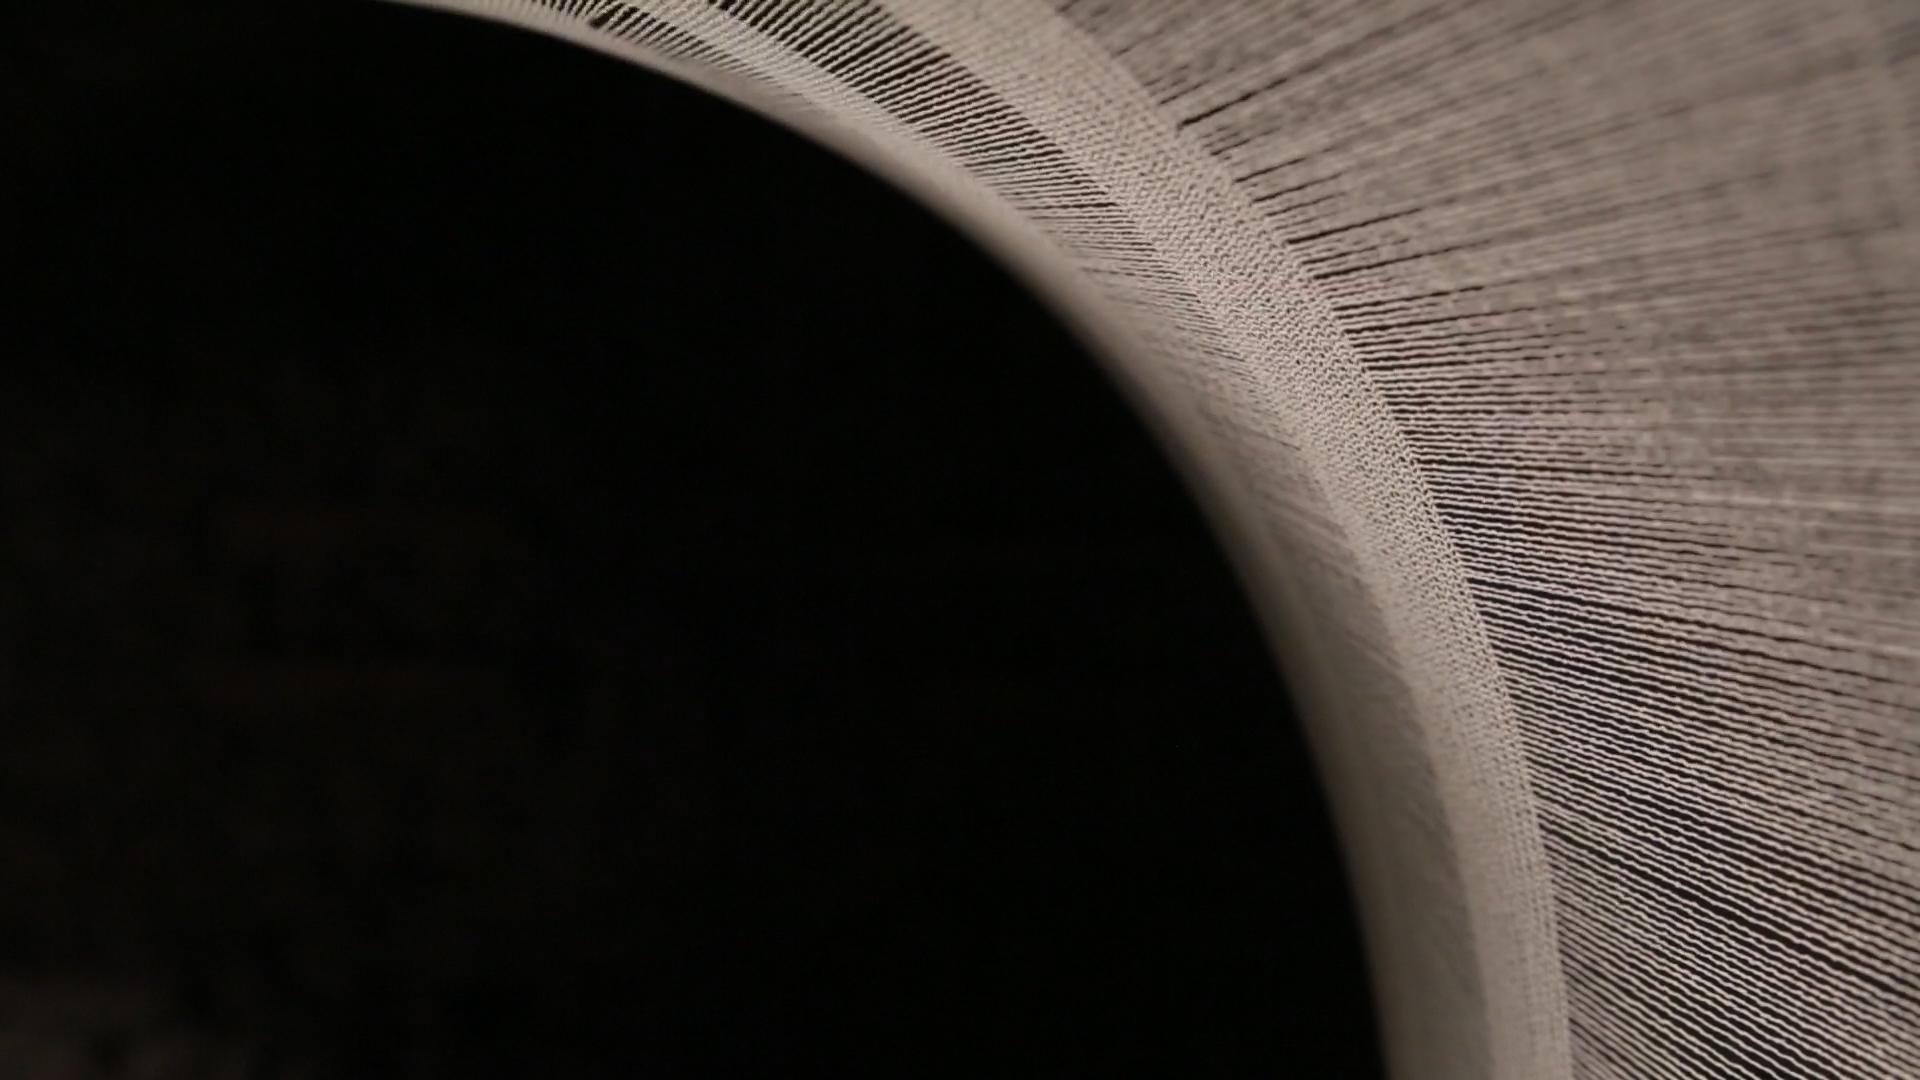 111.Vid - Talon - Still frames - Stefano Croci